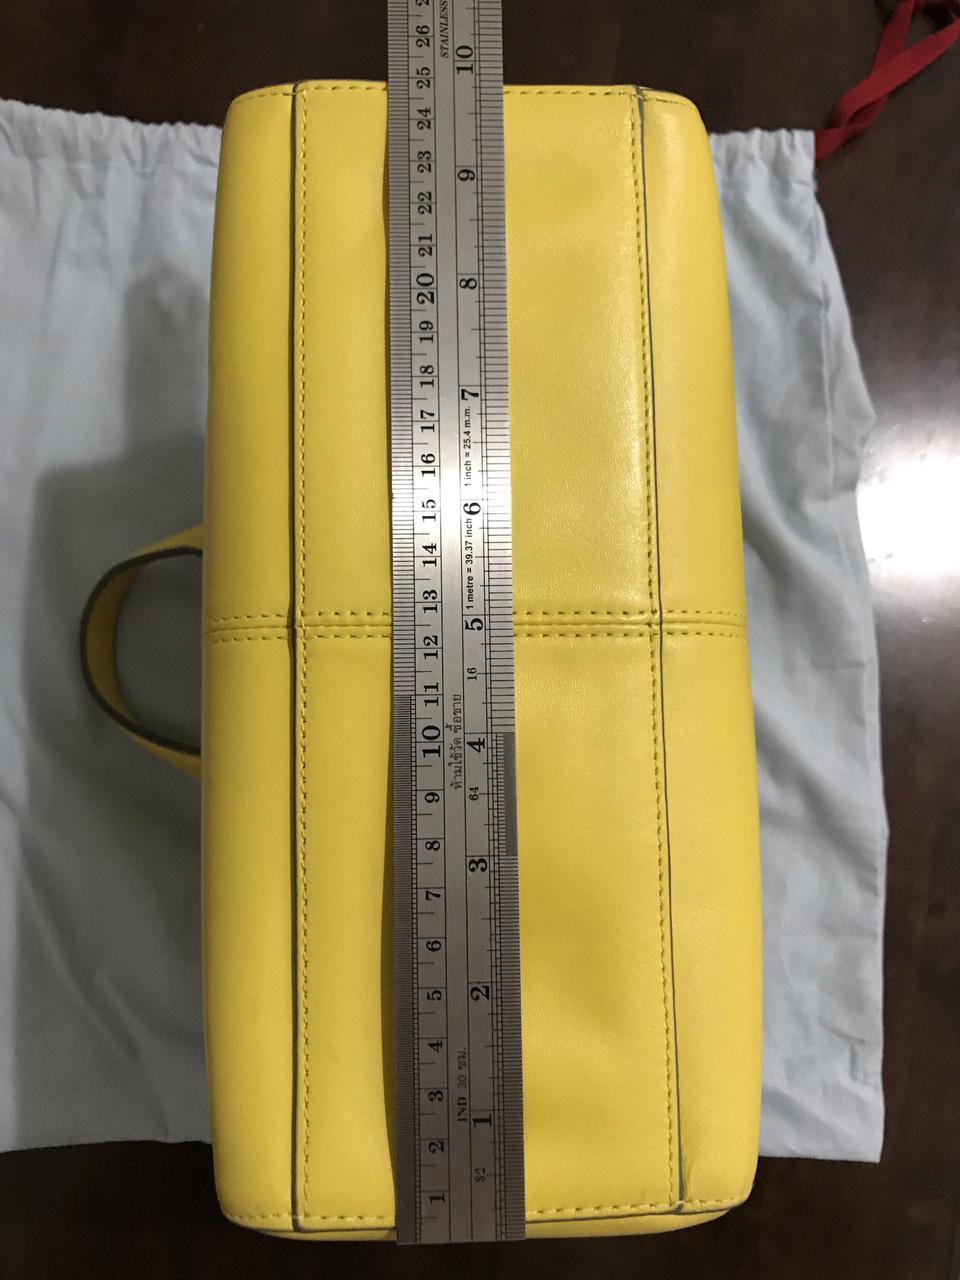 ขออนุญาตเปิด กระเป๋าถือและสะพาย Catch Kidston รุ่น The Henshall Leather Bag สีเหลืองสดใส รุ่นนี้วัสดุหนังแท้  รูปที่ 6